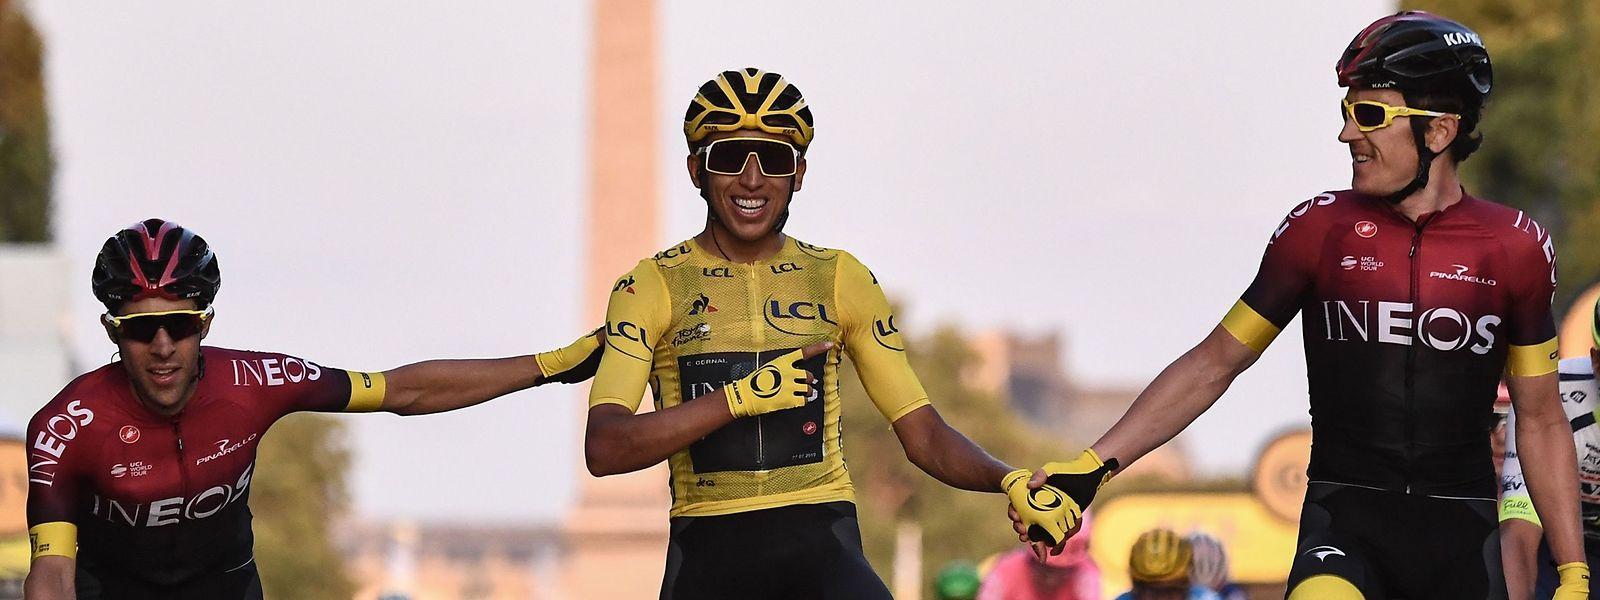 Egan Bernal restera à jamais le premier Colombien à inscrire son nom au palmarès du Tour de France.